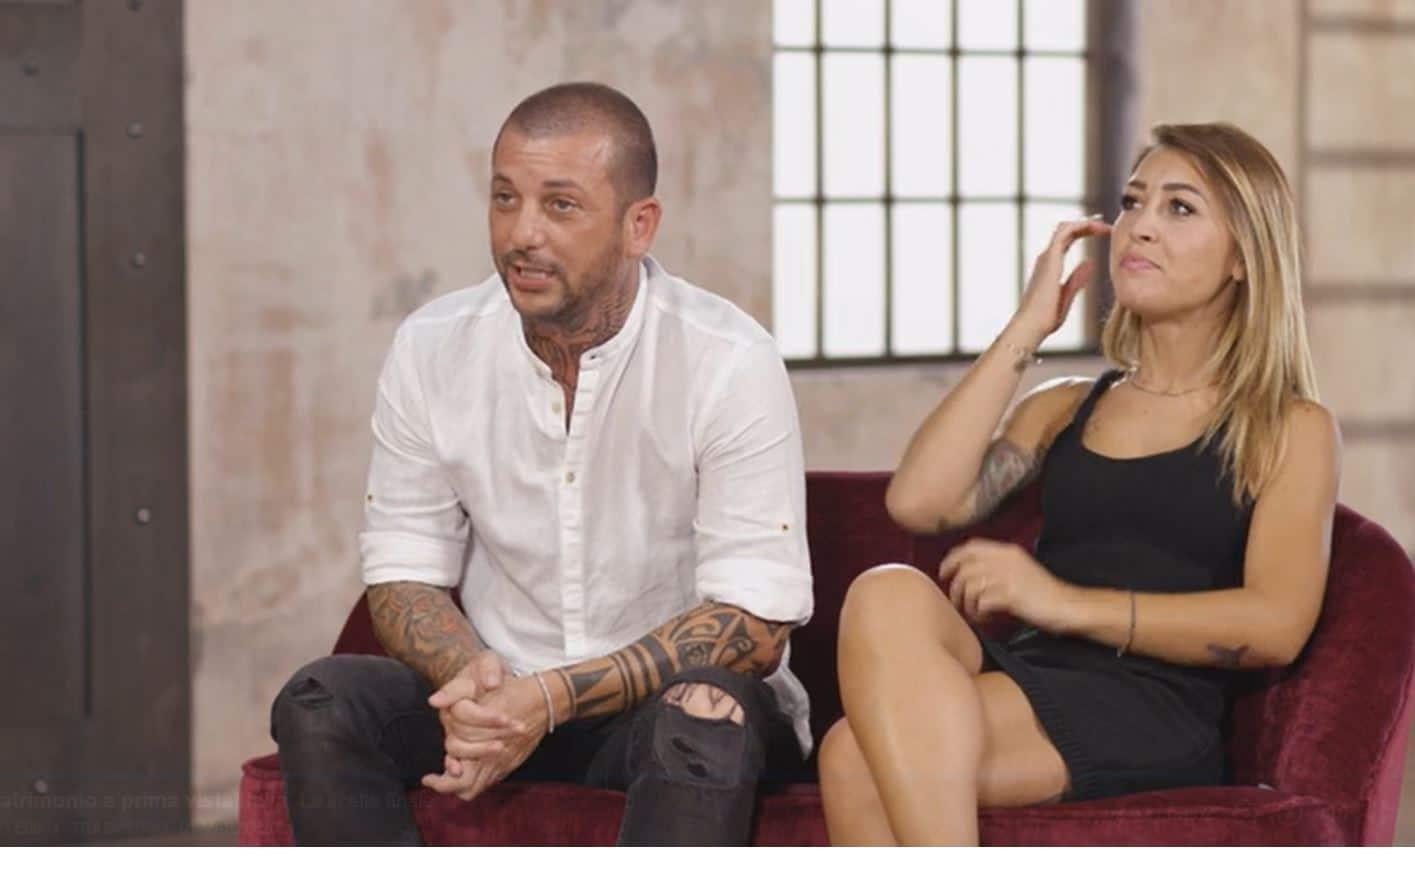 Martina Pedaletti e Francesco Muzzi dopo Matrimonio a prima vista Italia 2021 stanno ancora insieme?